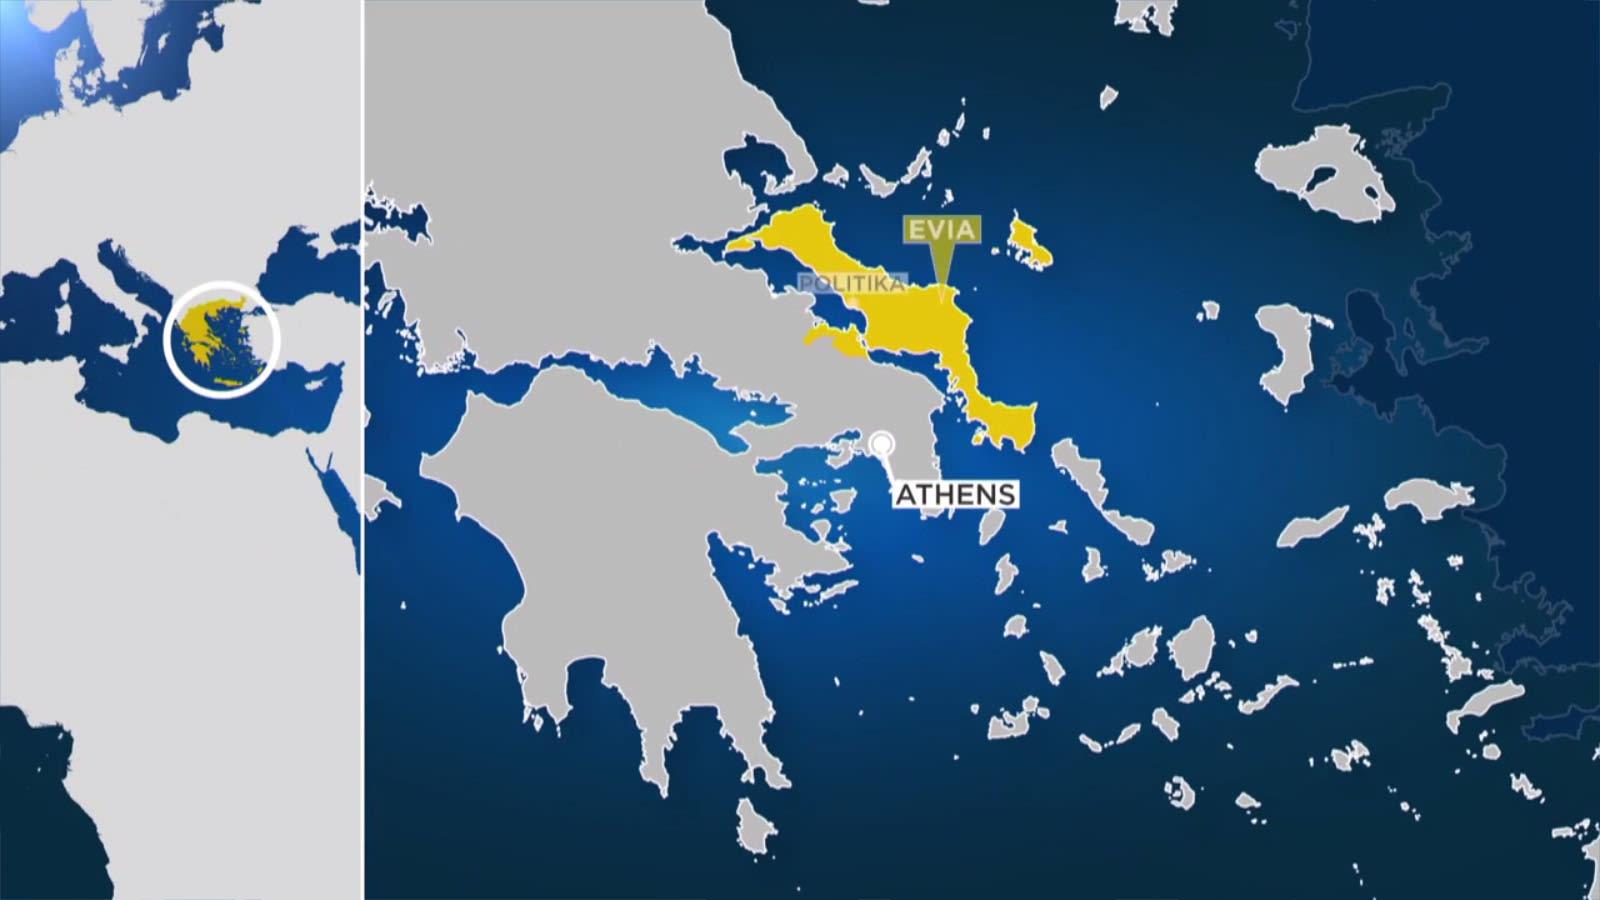 Katasztrófa a Görögországhoz tartozó Évia szigetén